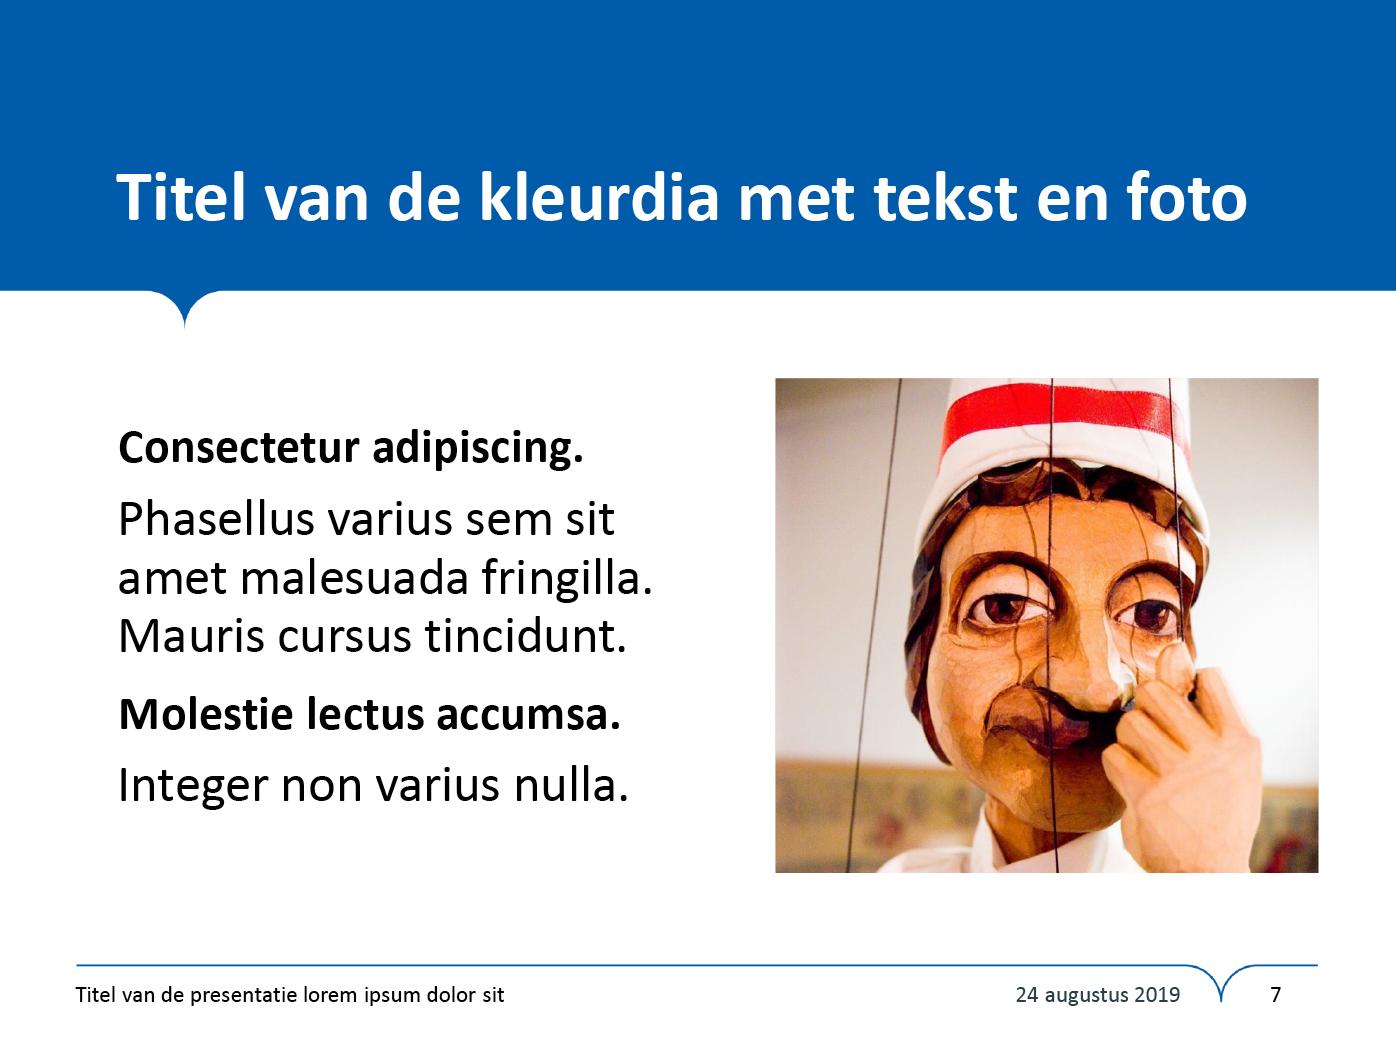 """Dia-type """"kleurdia met tekst en foto"""", gepersonaliseerd voor de submerken van het secundair onderwijs. Powerpoint-sjabloon van de Stad Gent."""